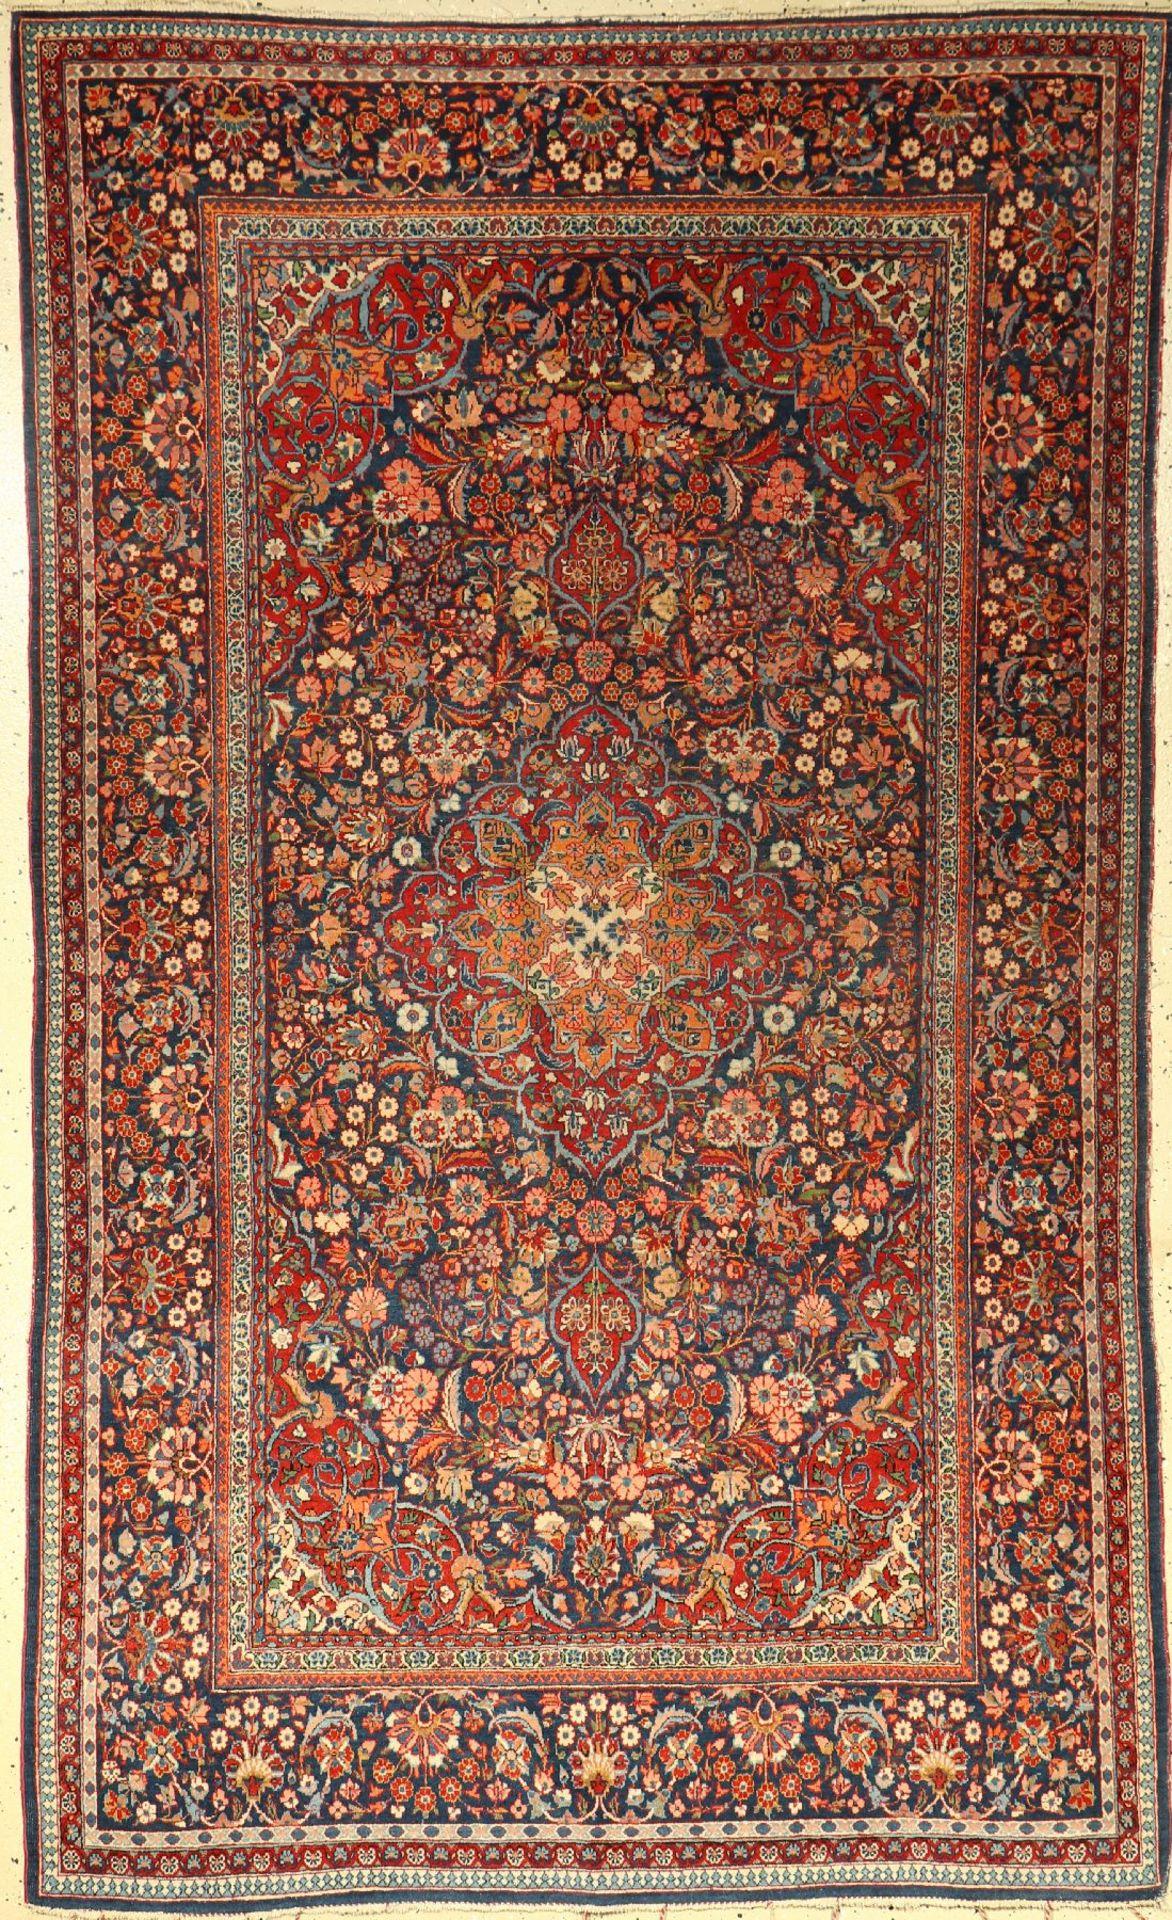 Keschan Kork alt, Persien, um 1930/1940, Korkwolle, ca. 216 x 134 cm, EHZ: 3